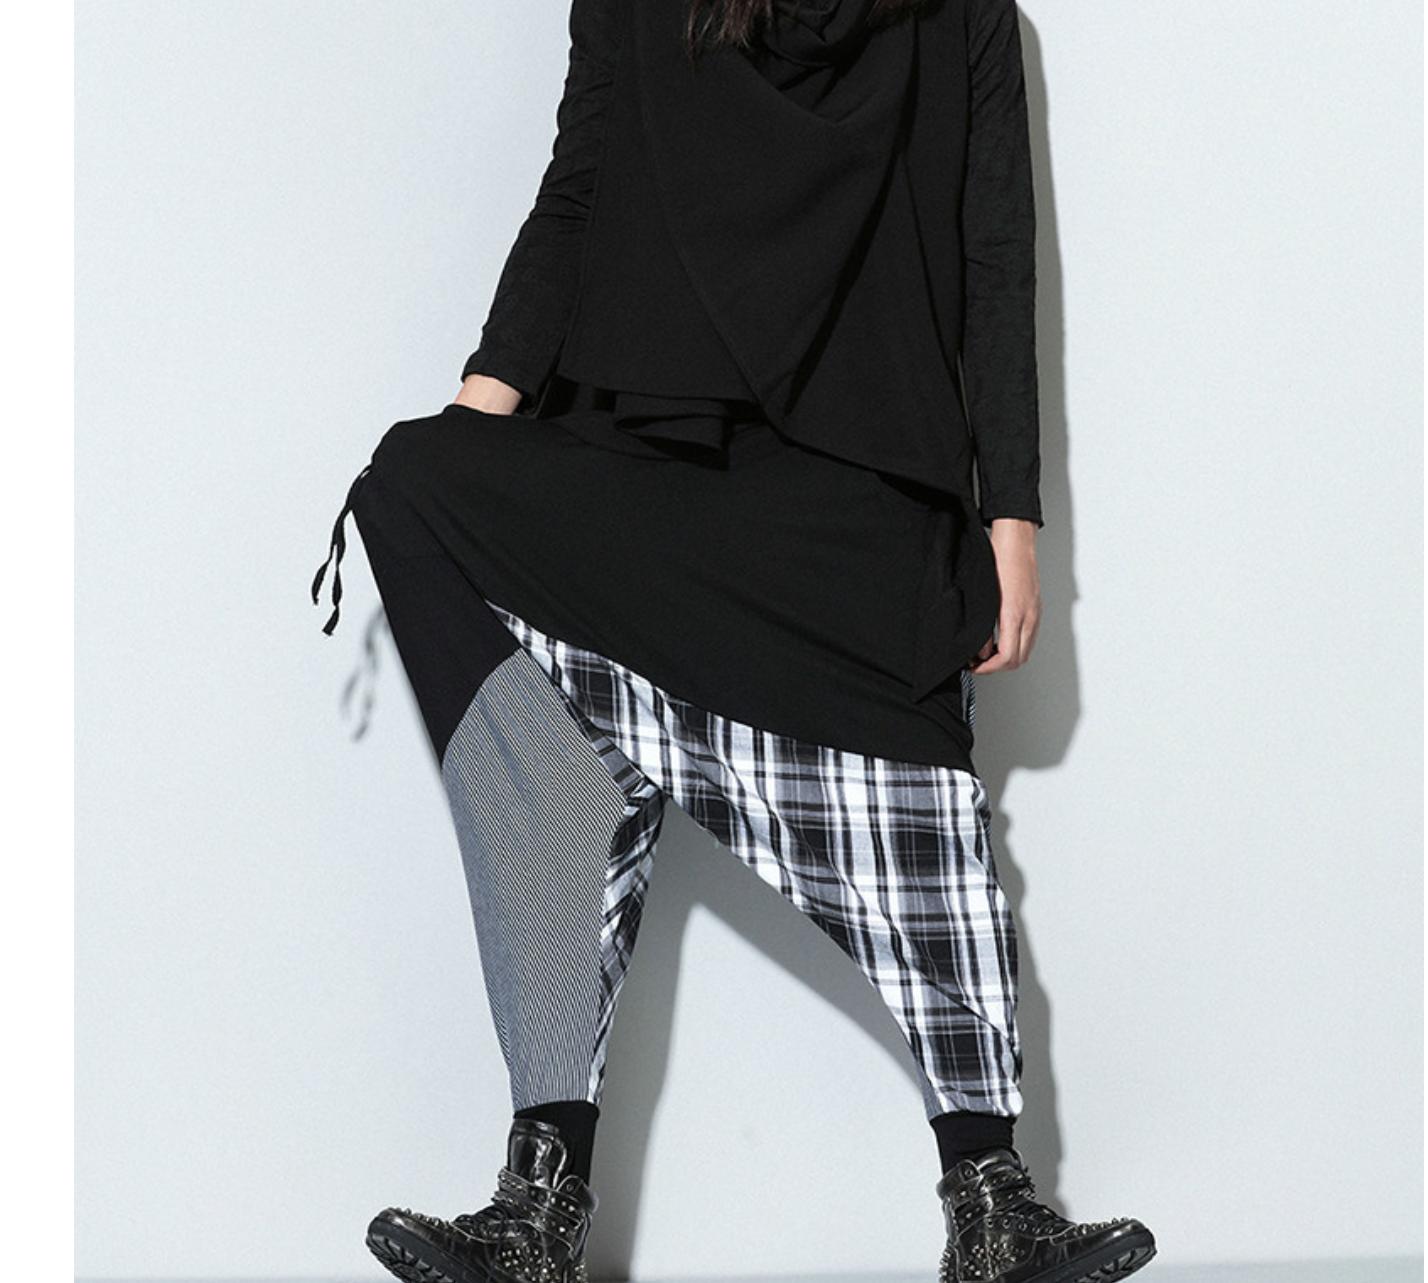 Pantalones harem  /Pantalon Korean Style